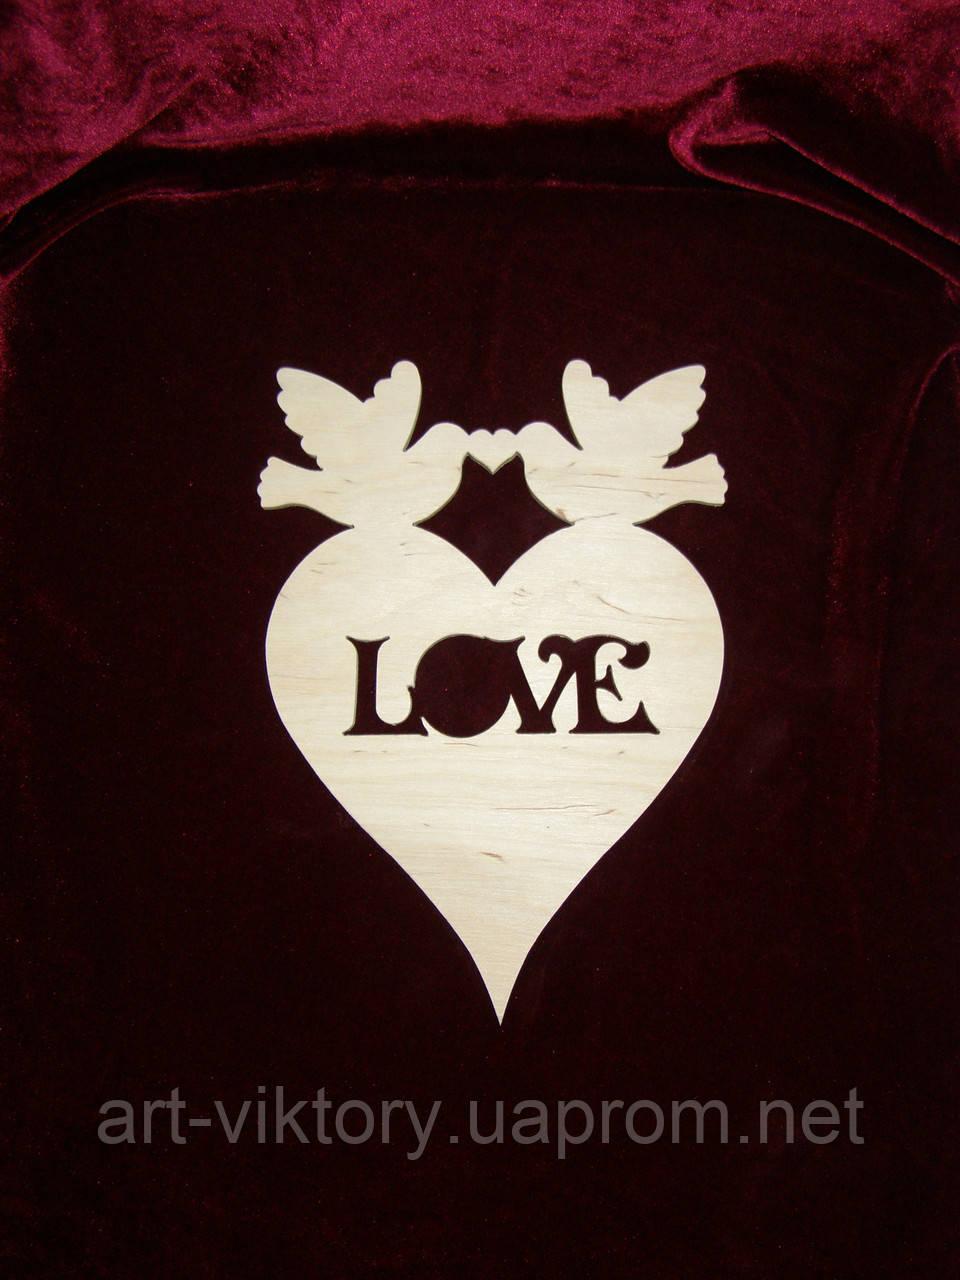 Сердце с голубями love